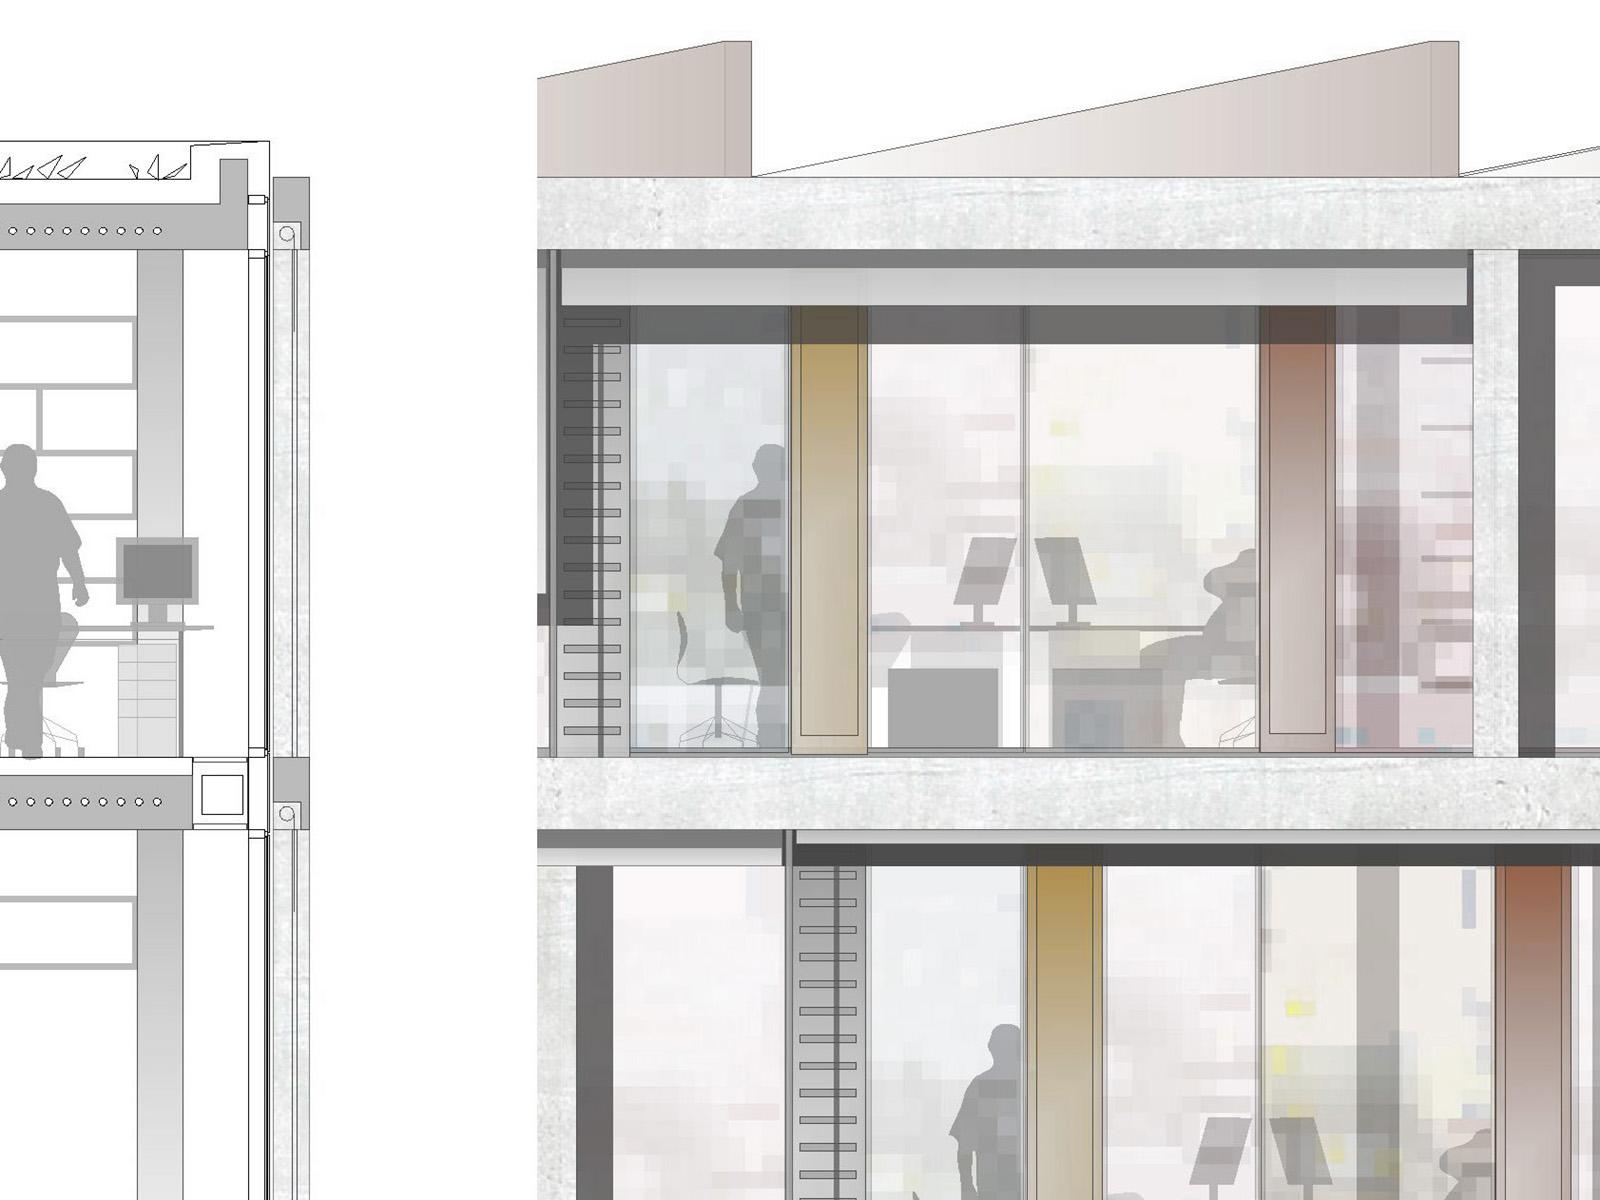 Detail-Wettbewerb-Steuerverwaltung-in-Muenchen-Wettbewerb-2.Preis-2008-Friedrich-Poerschke-Zwink-Architekten